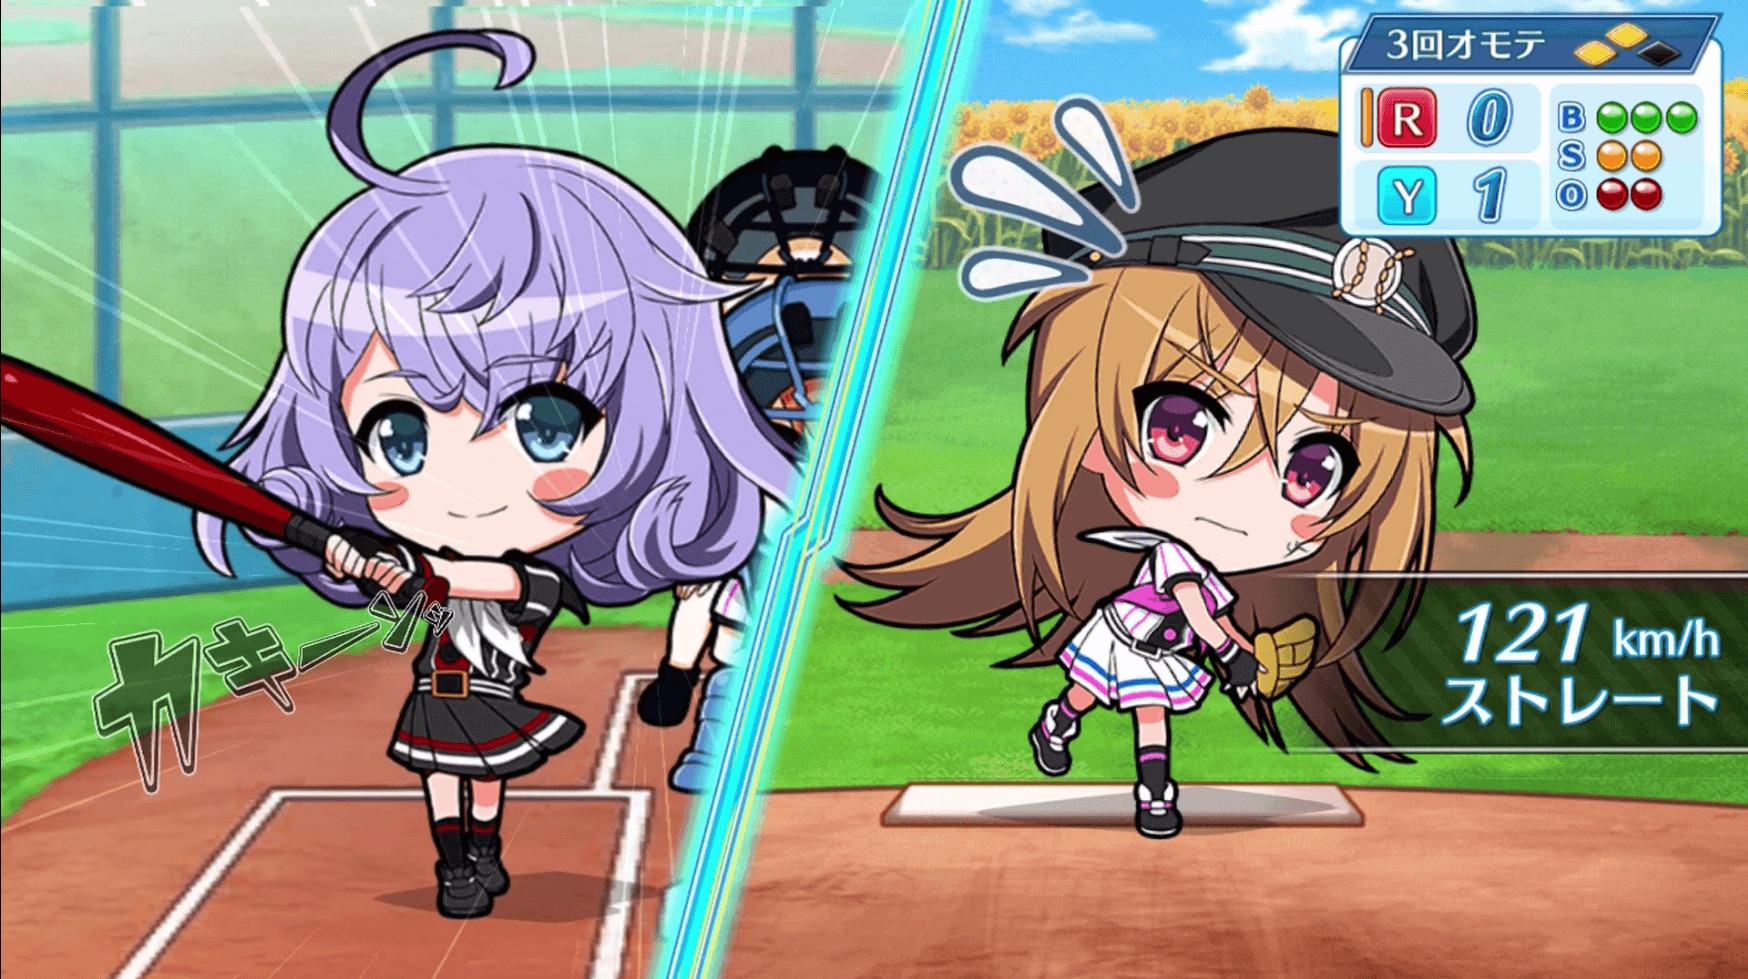 【美少女+野球アプリゲーム】八月のシンデレラナインで青春しよう!アイドルではない、スポーツ美少女を堪能せよ!